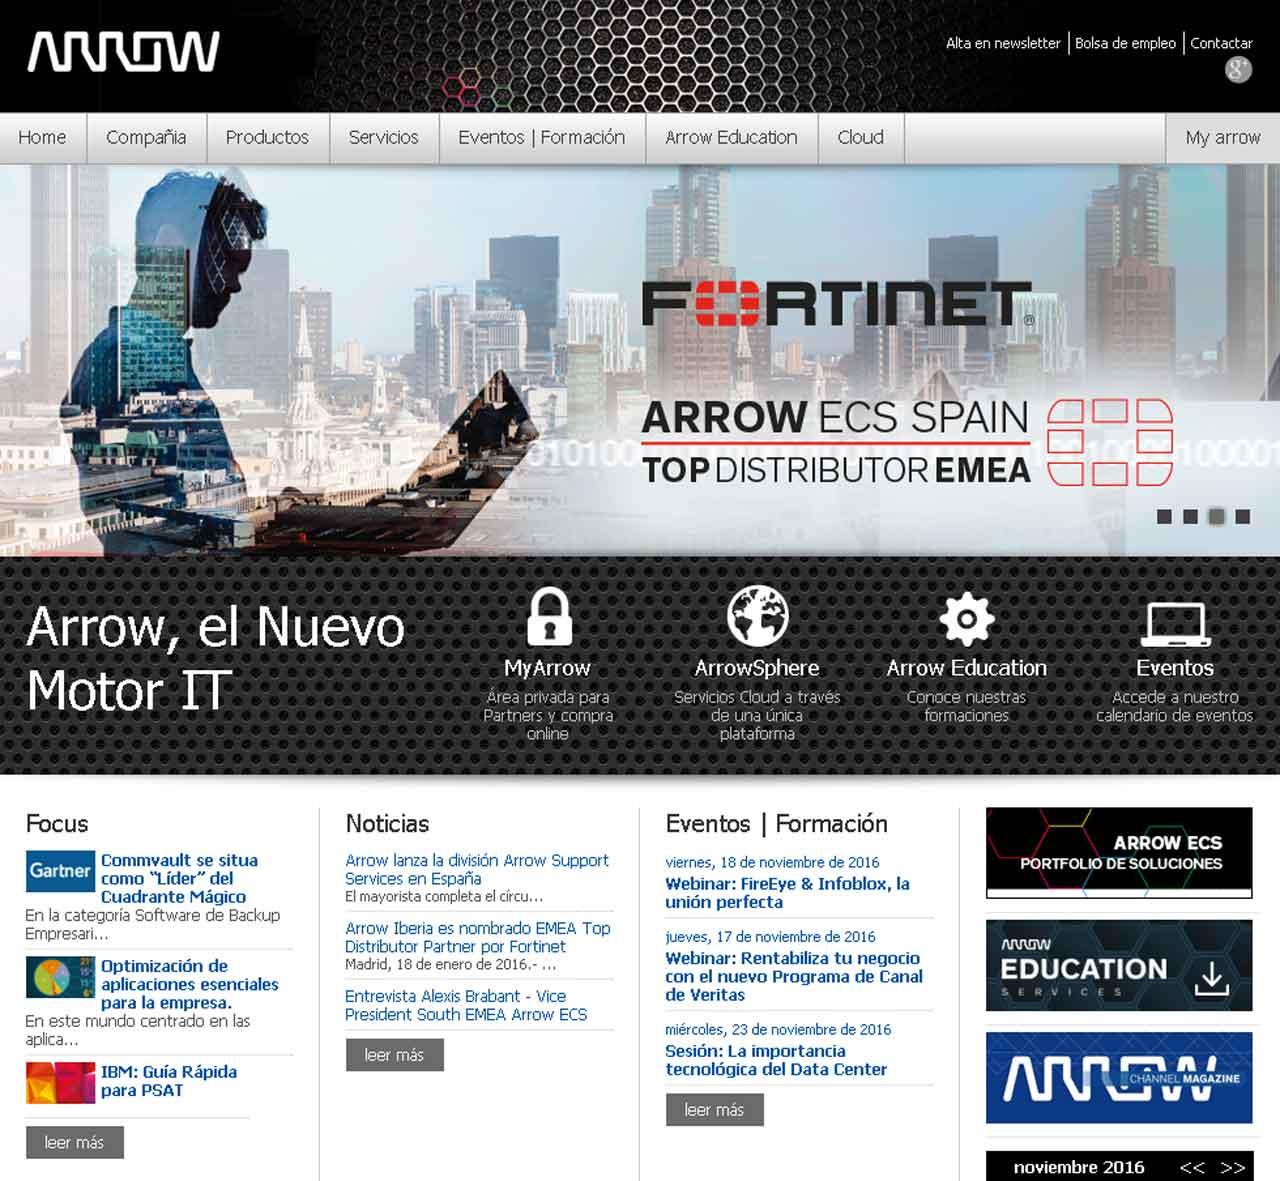 Arrow se convierte en nuevo distribuidor de las soluciones de disponibilidad de Veeam